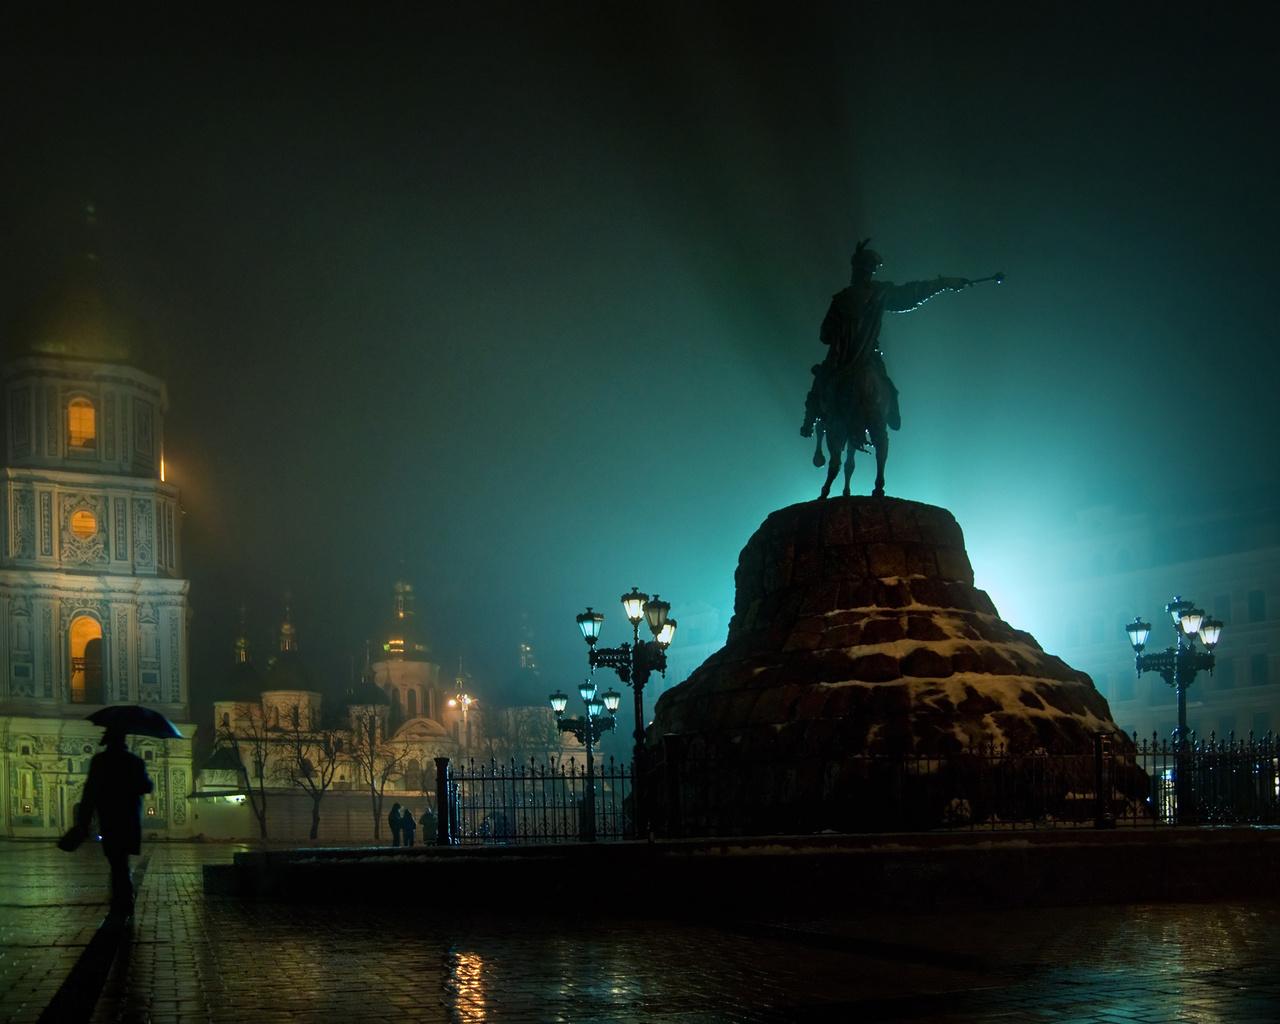 Украина, киев, площадь, богдана хмельницкого, памятник, ночь, колокольня, софийский, монастырь, огни городов